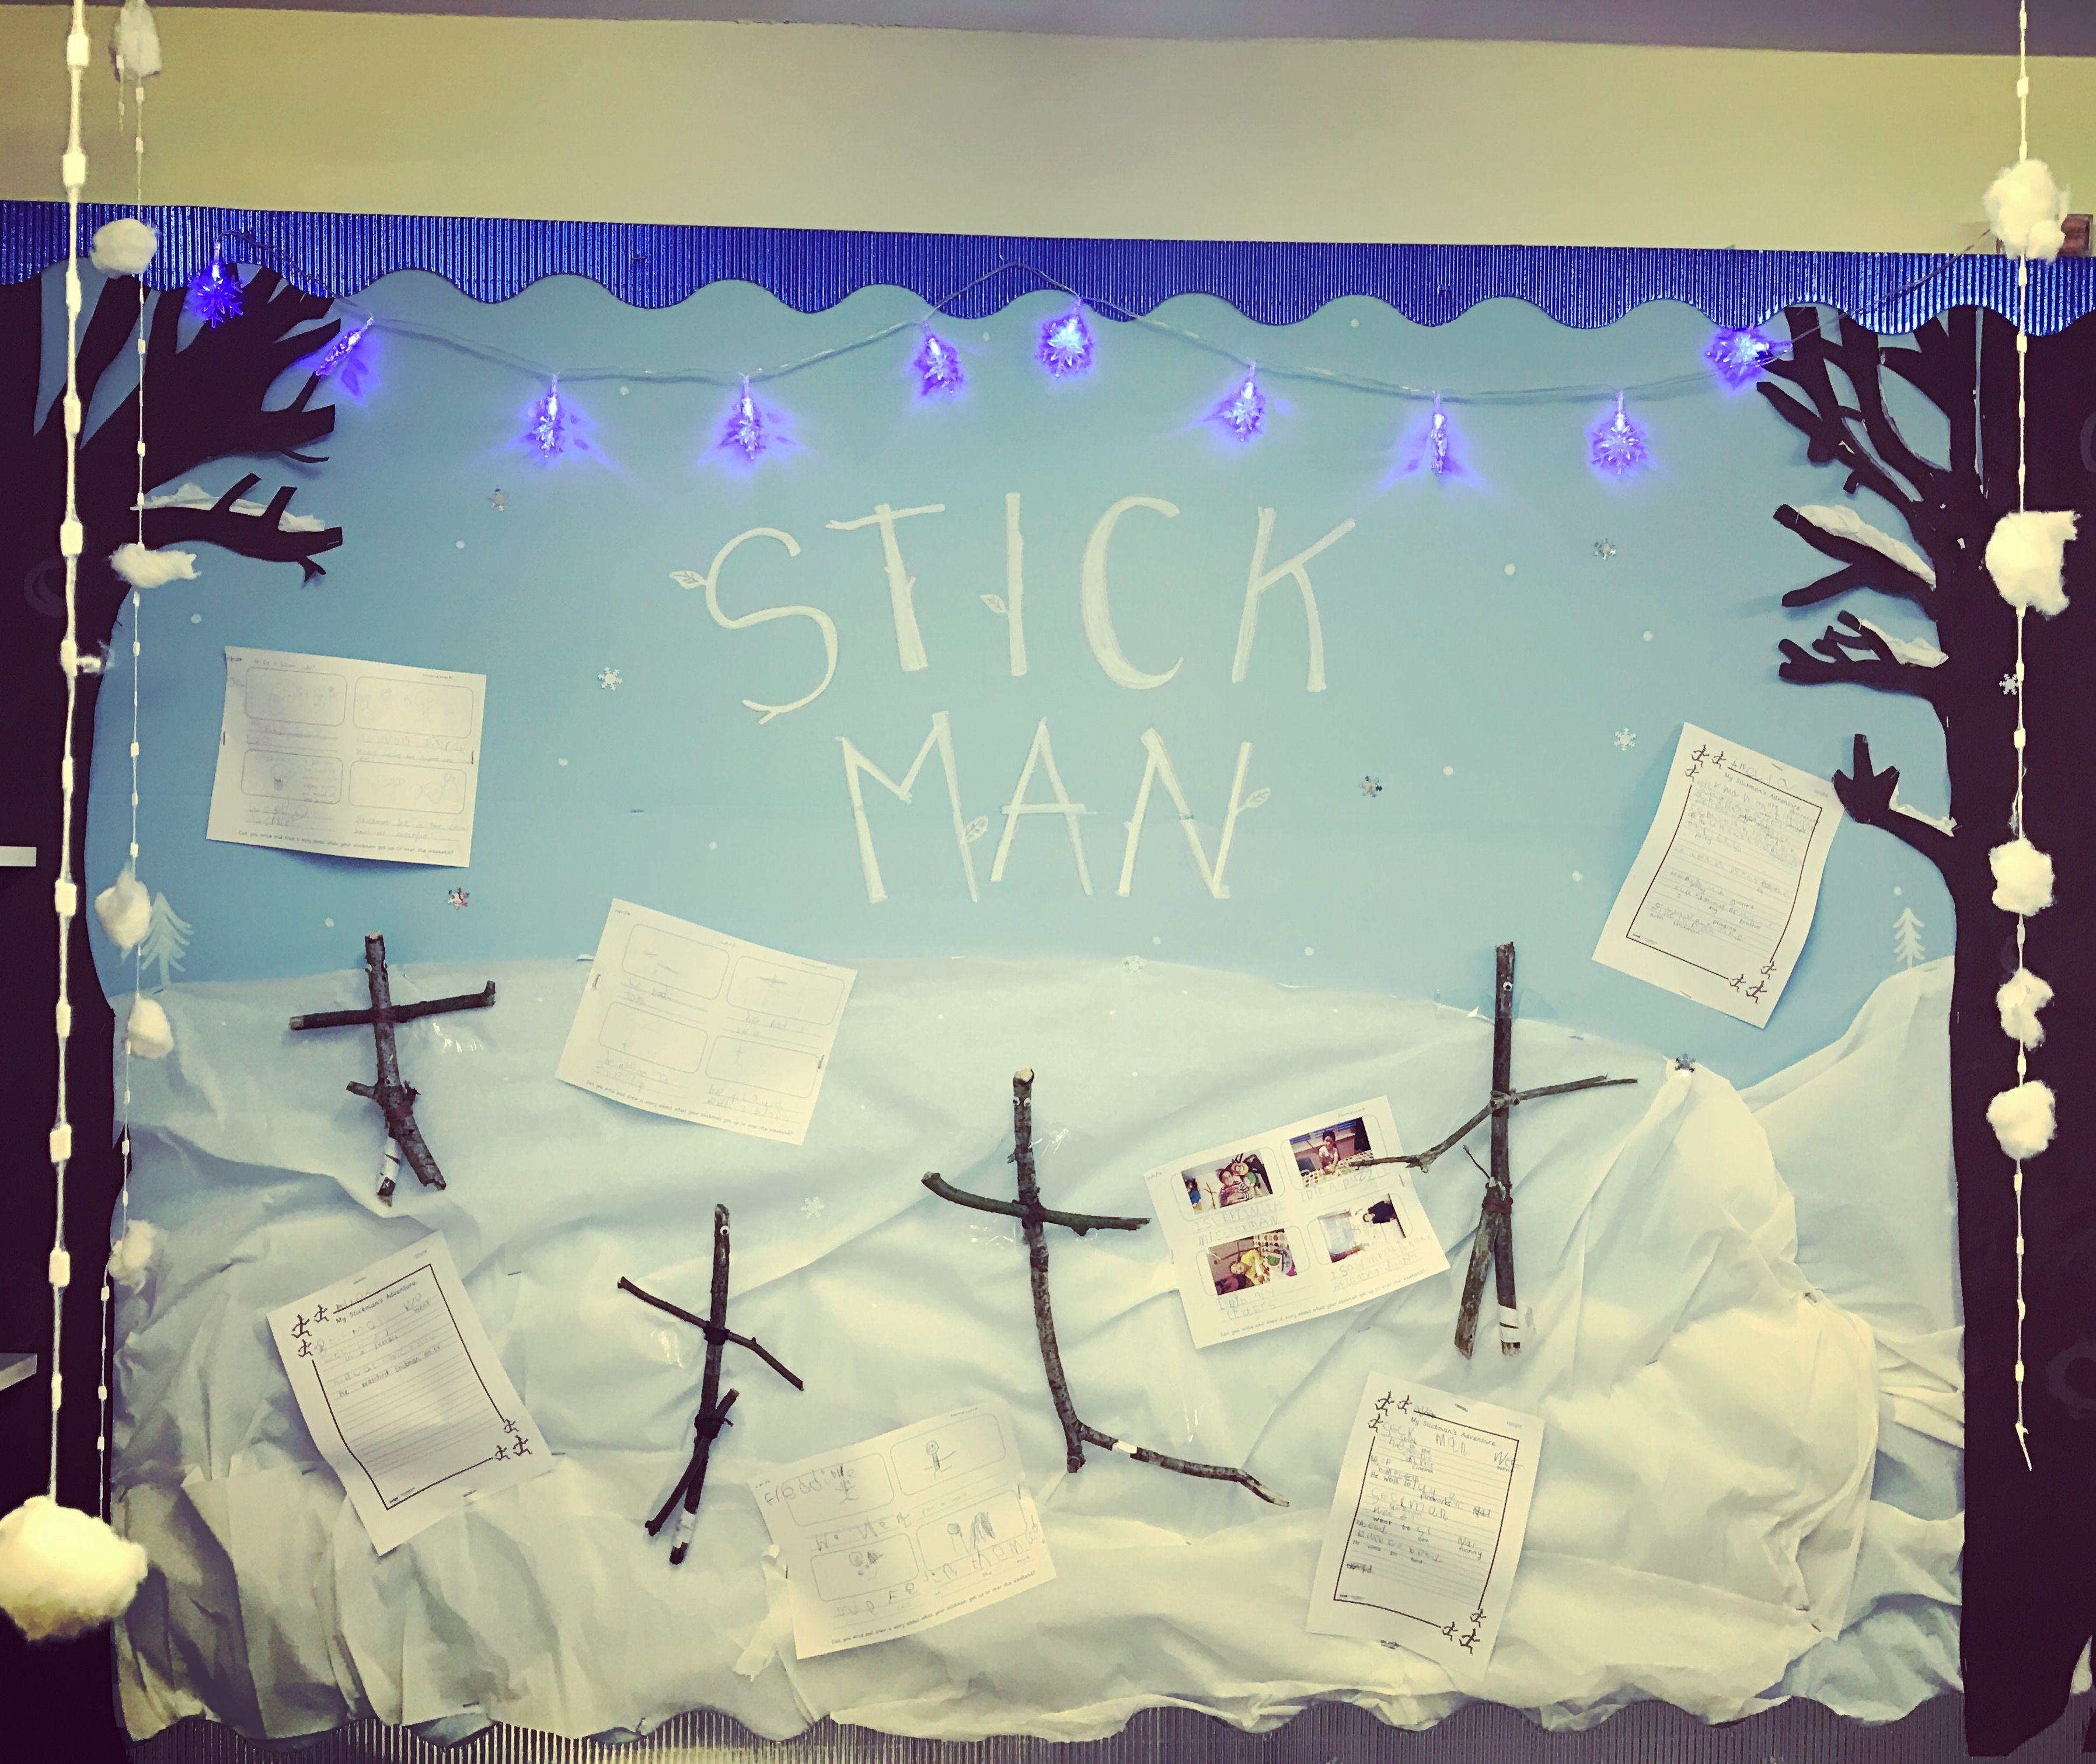 Christmas Display Ideas For Nursery.My Stickman Display For Our Christmas Topic Work Nursery